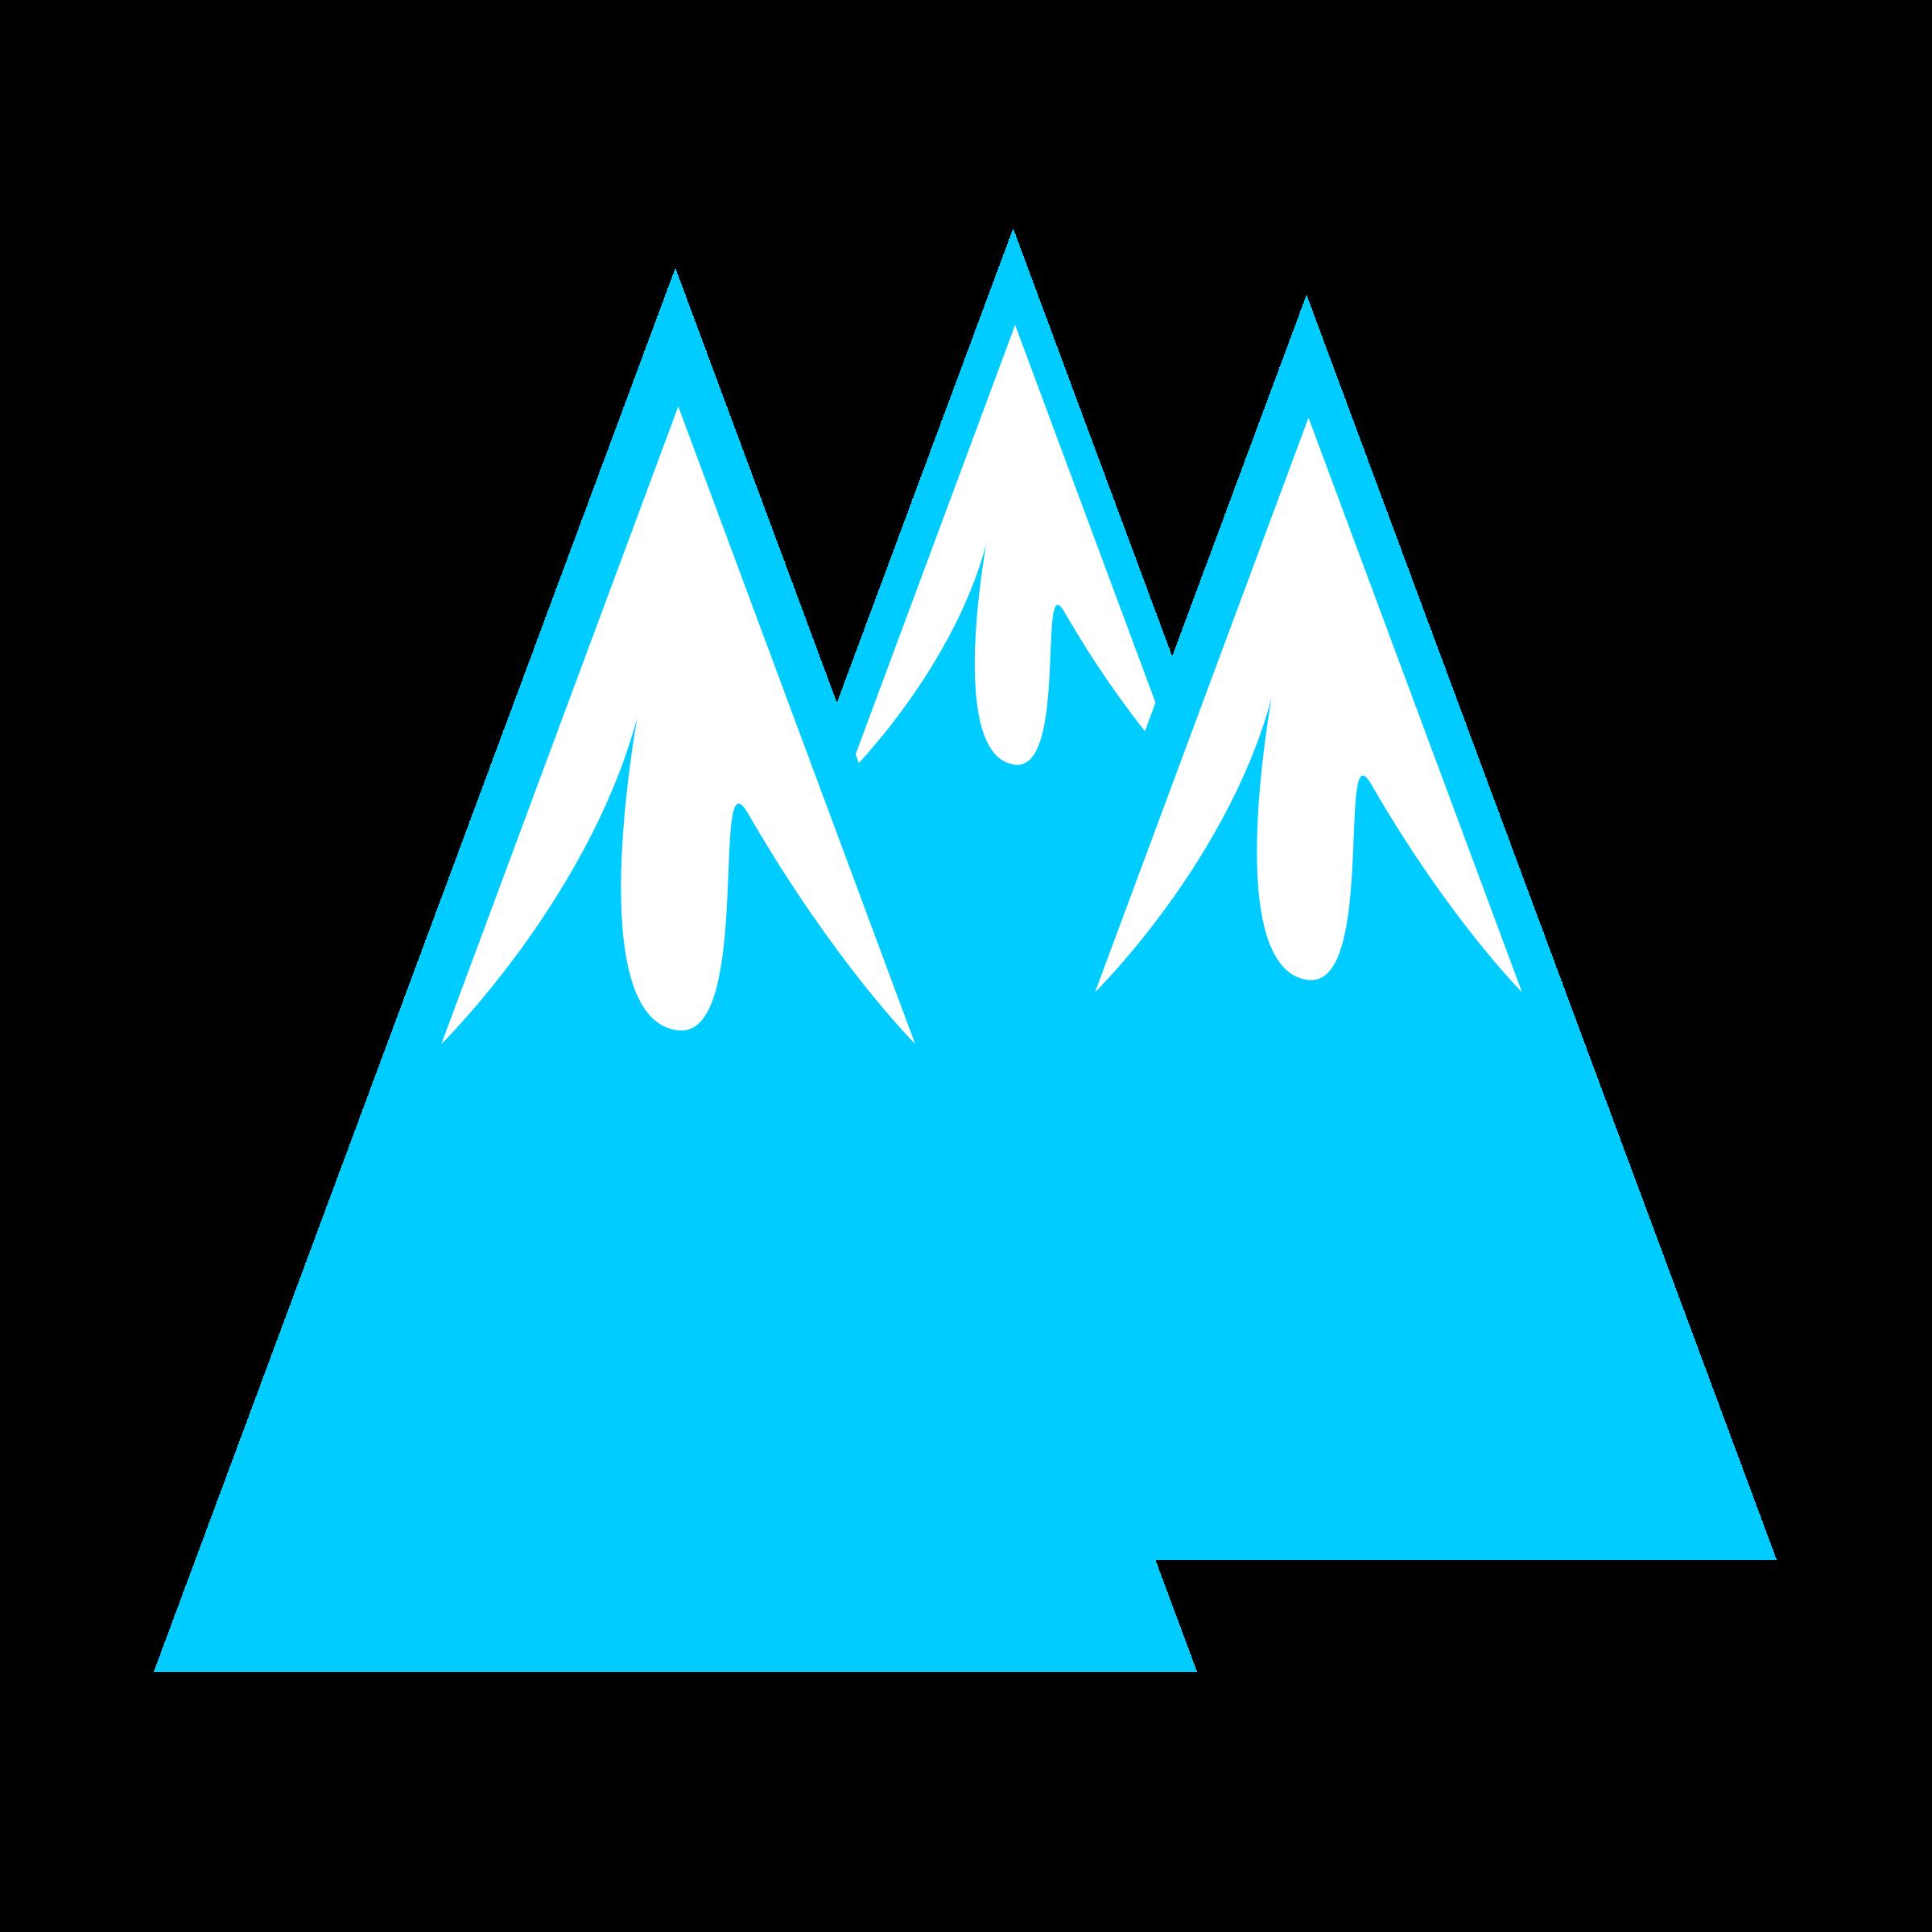 Glacier Clipart.